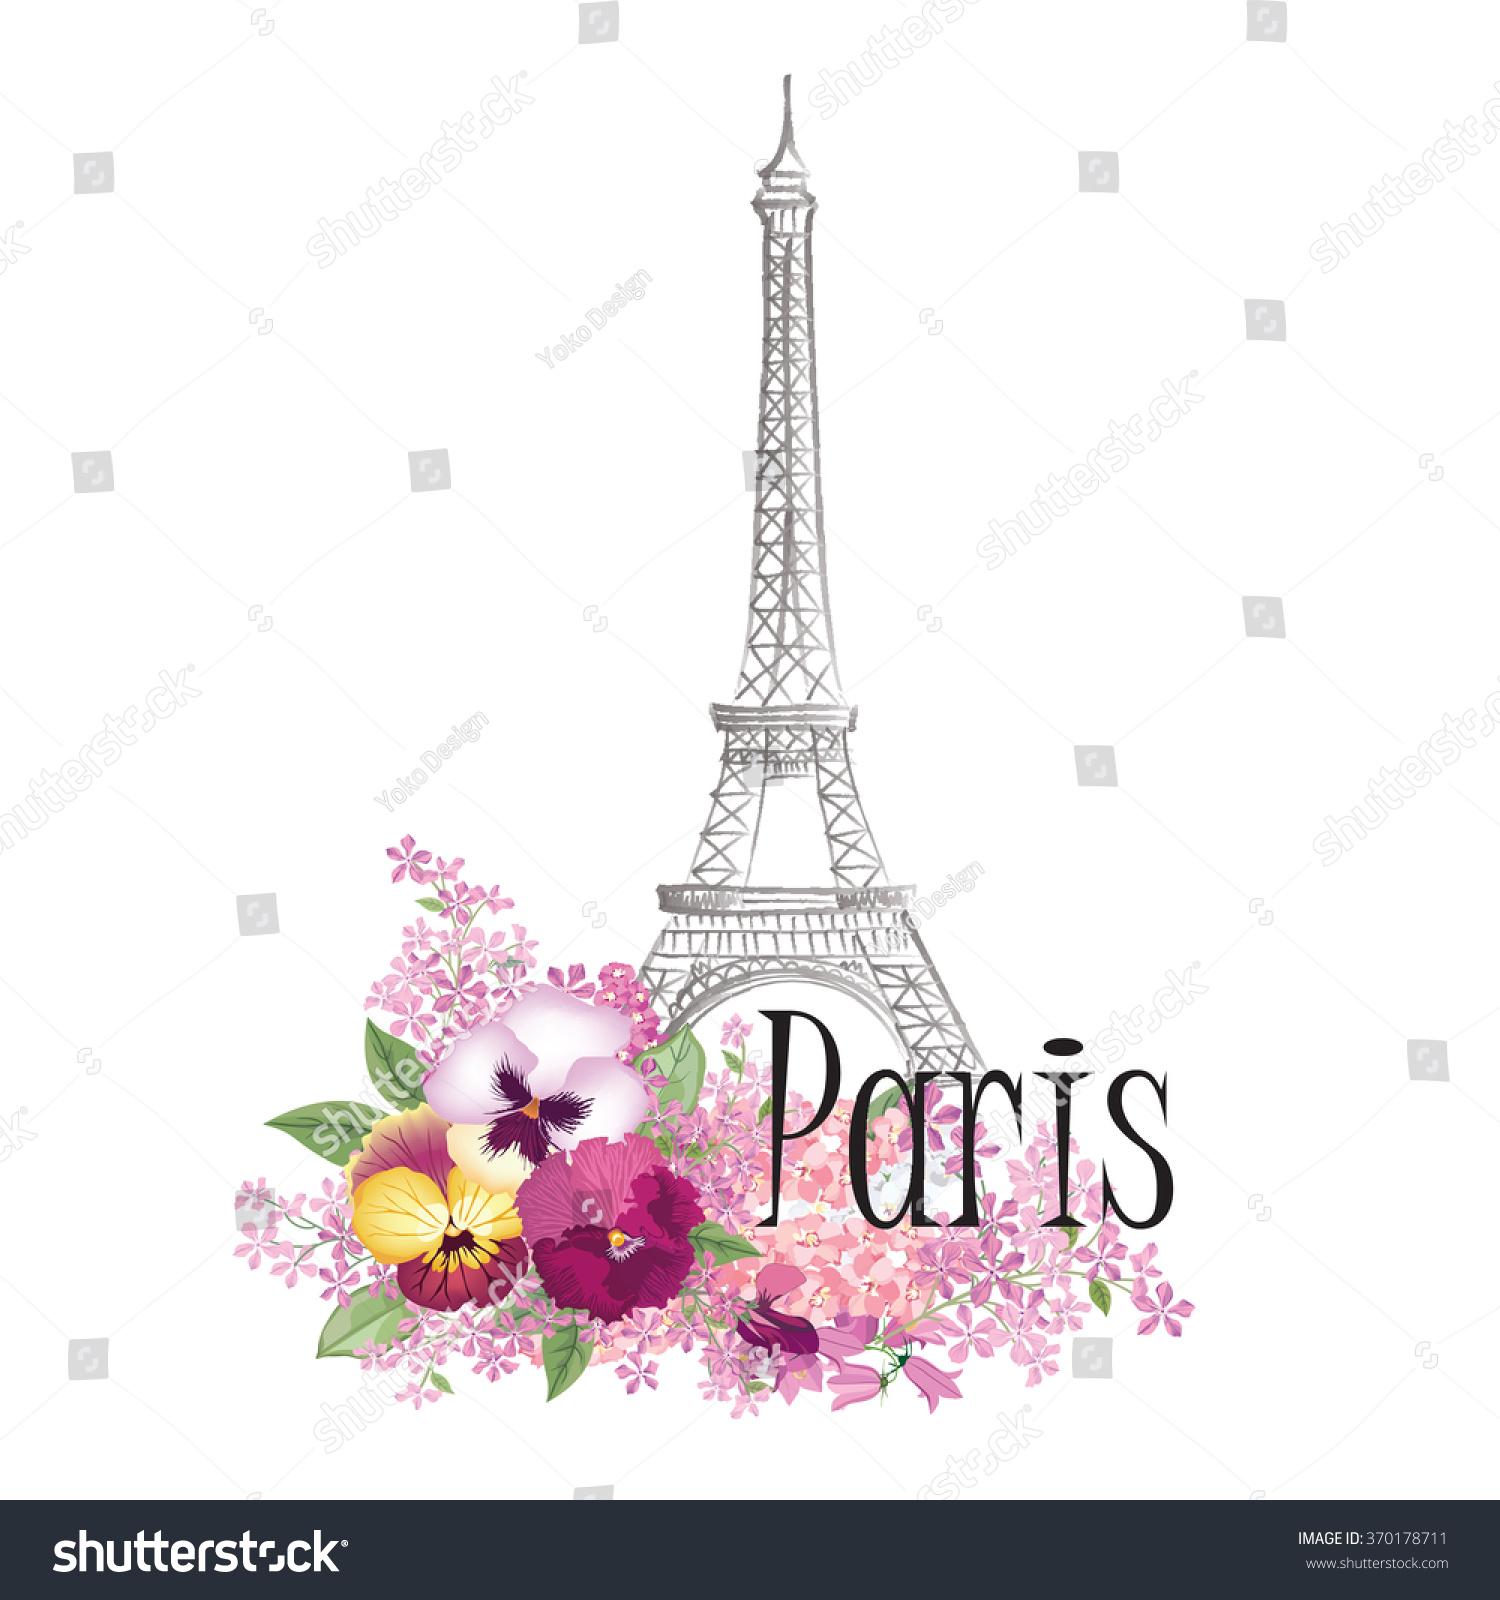 Paris Illustration: Floral Paris Illustration Famous Paris Landmark Eiffel